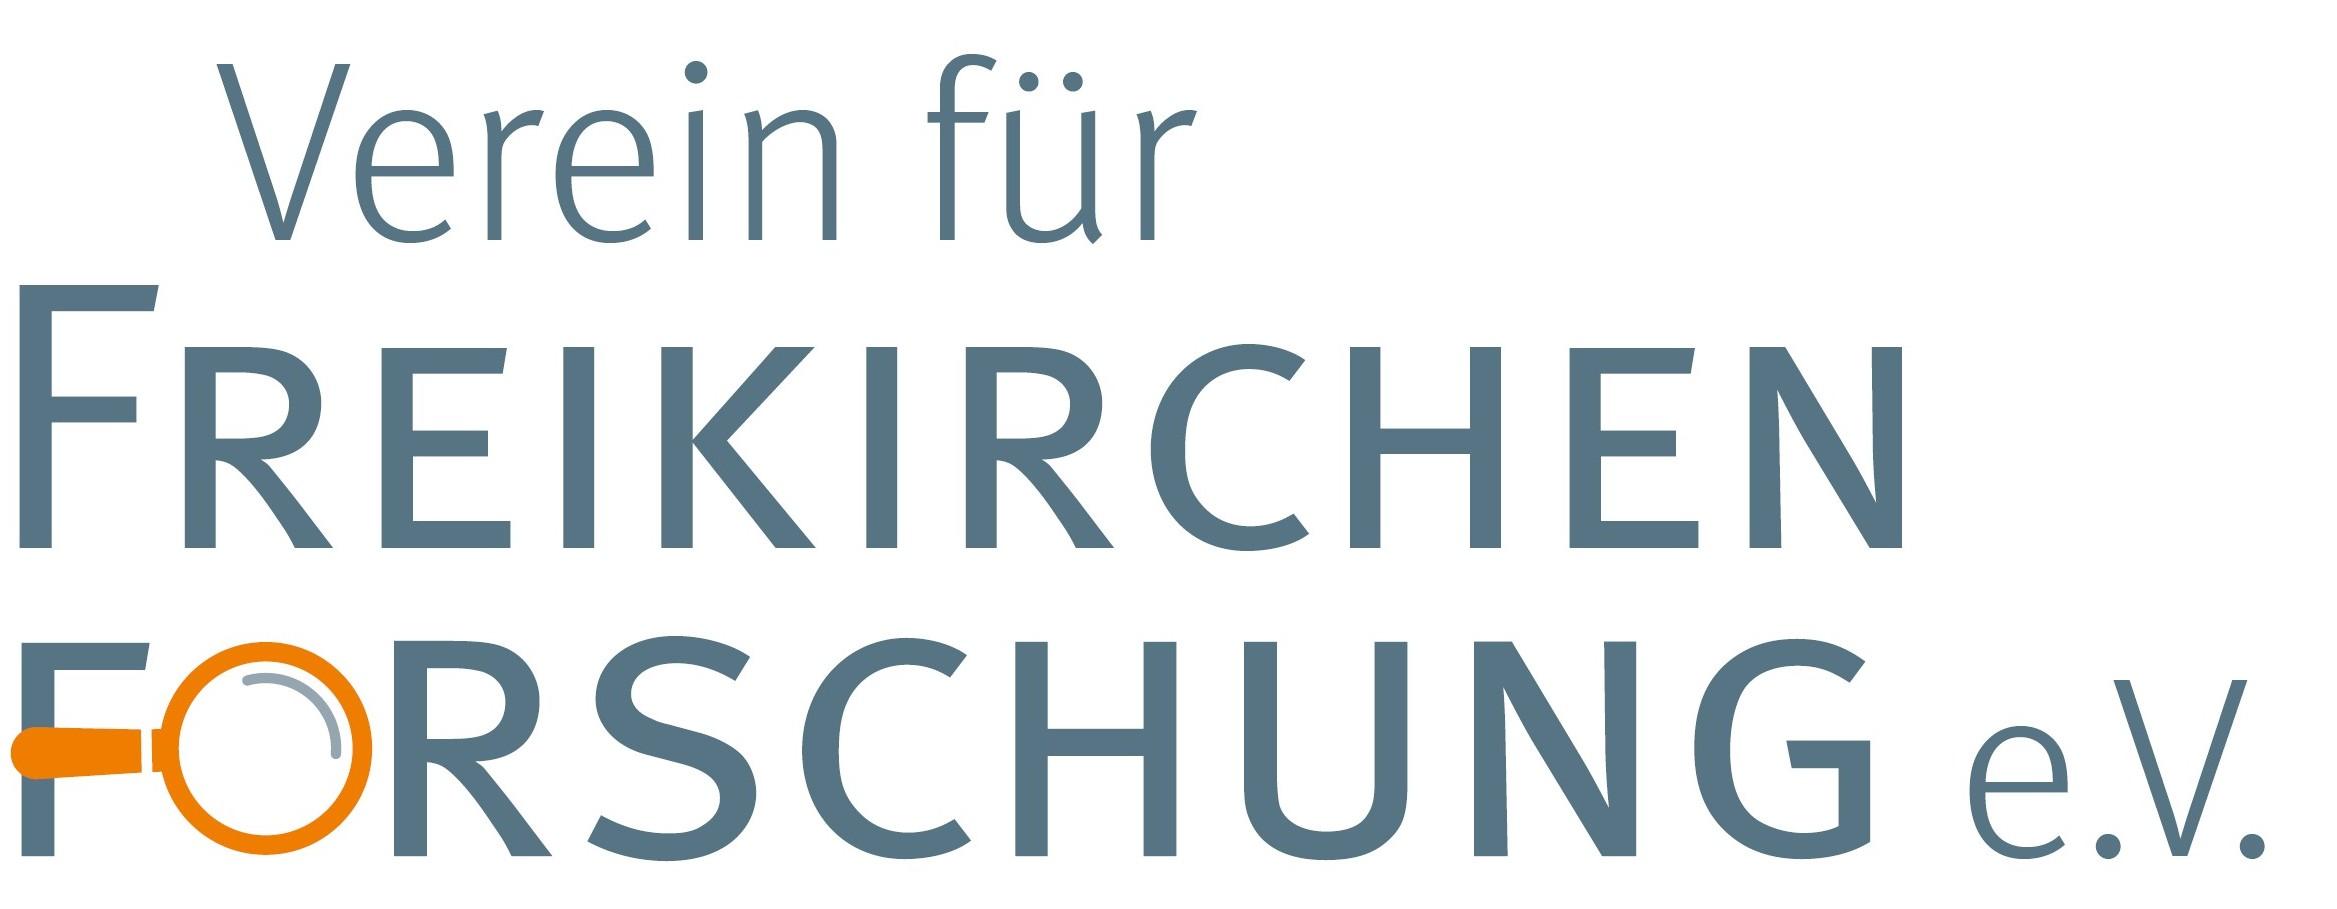 Verein für Freikirchenforschung e.V.